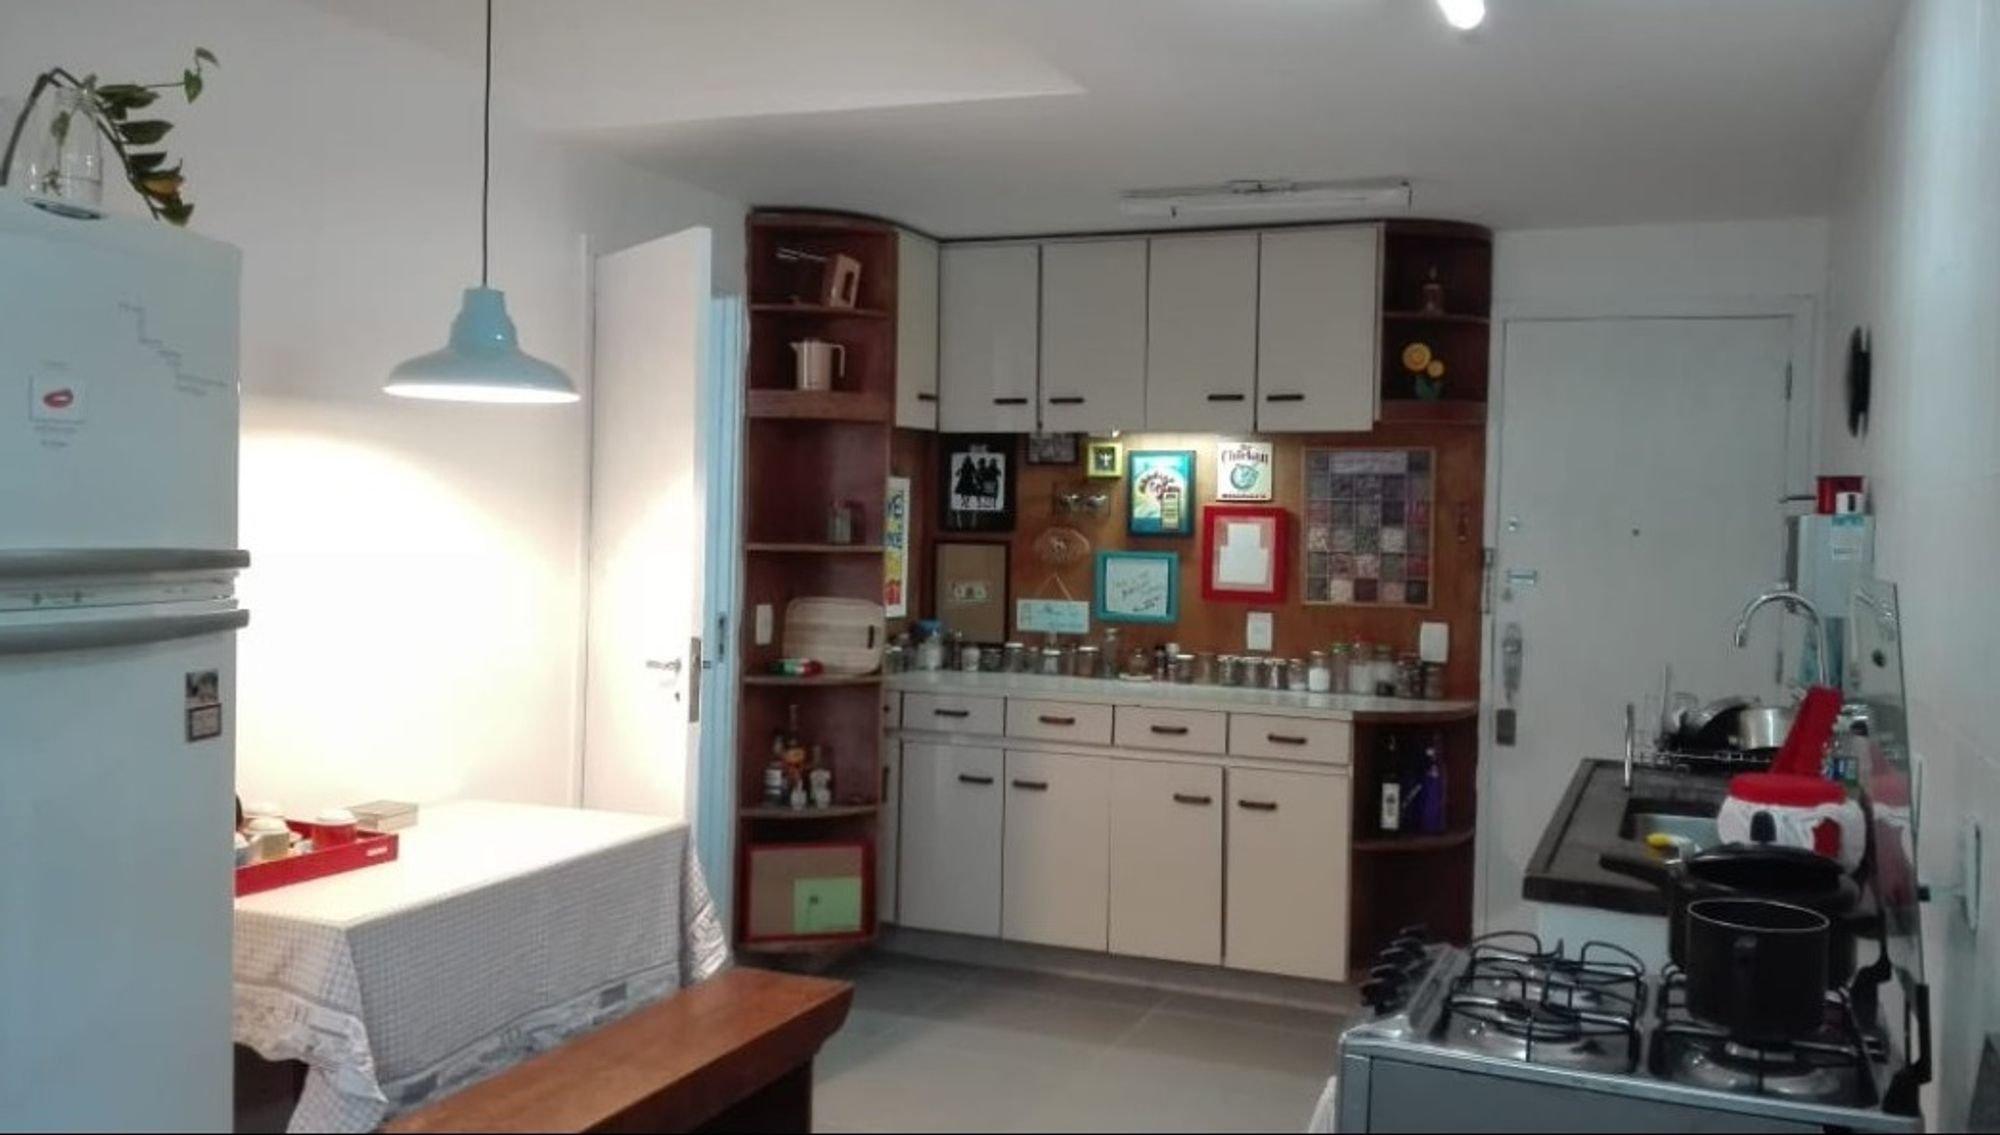 Foto de Cozinha com xícara